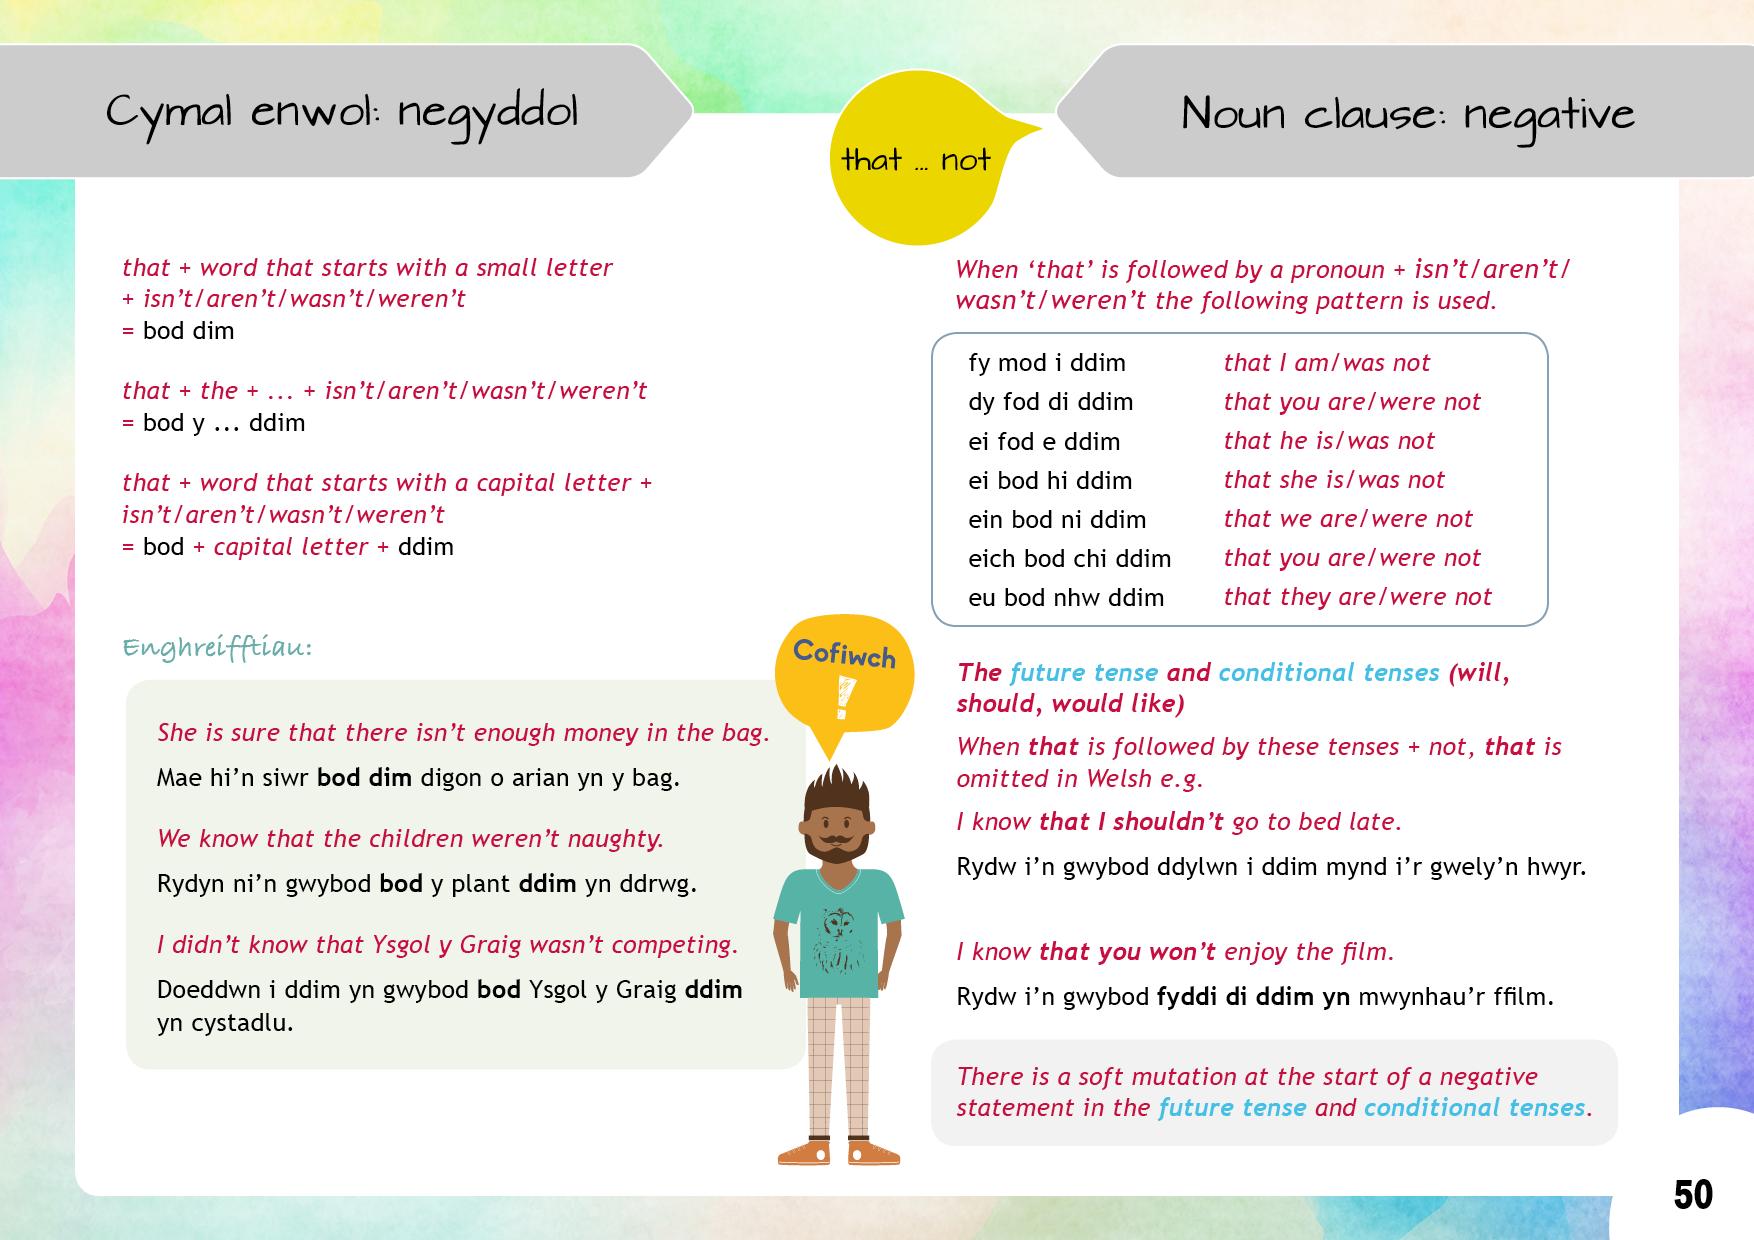 Cymal enwol:negyddol | Noun clause: negative